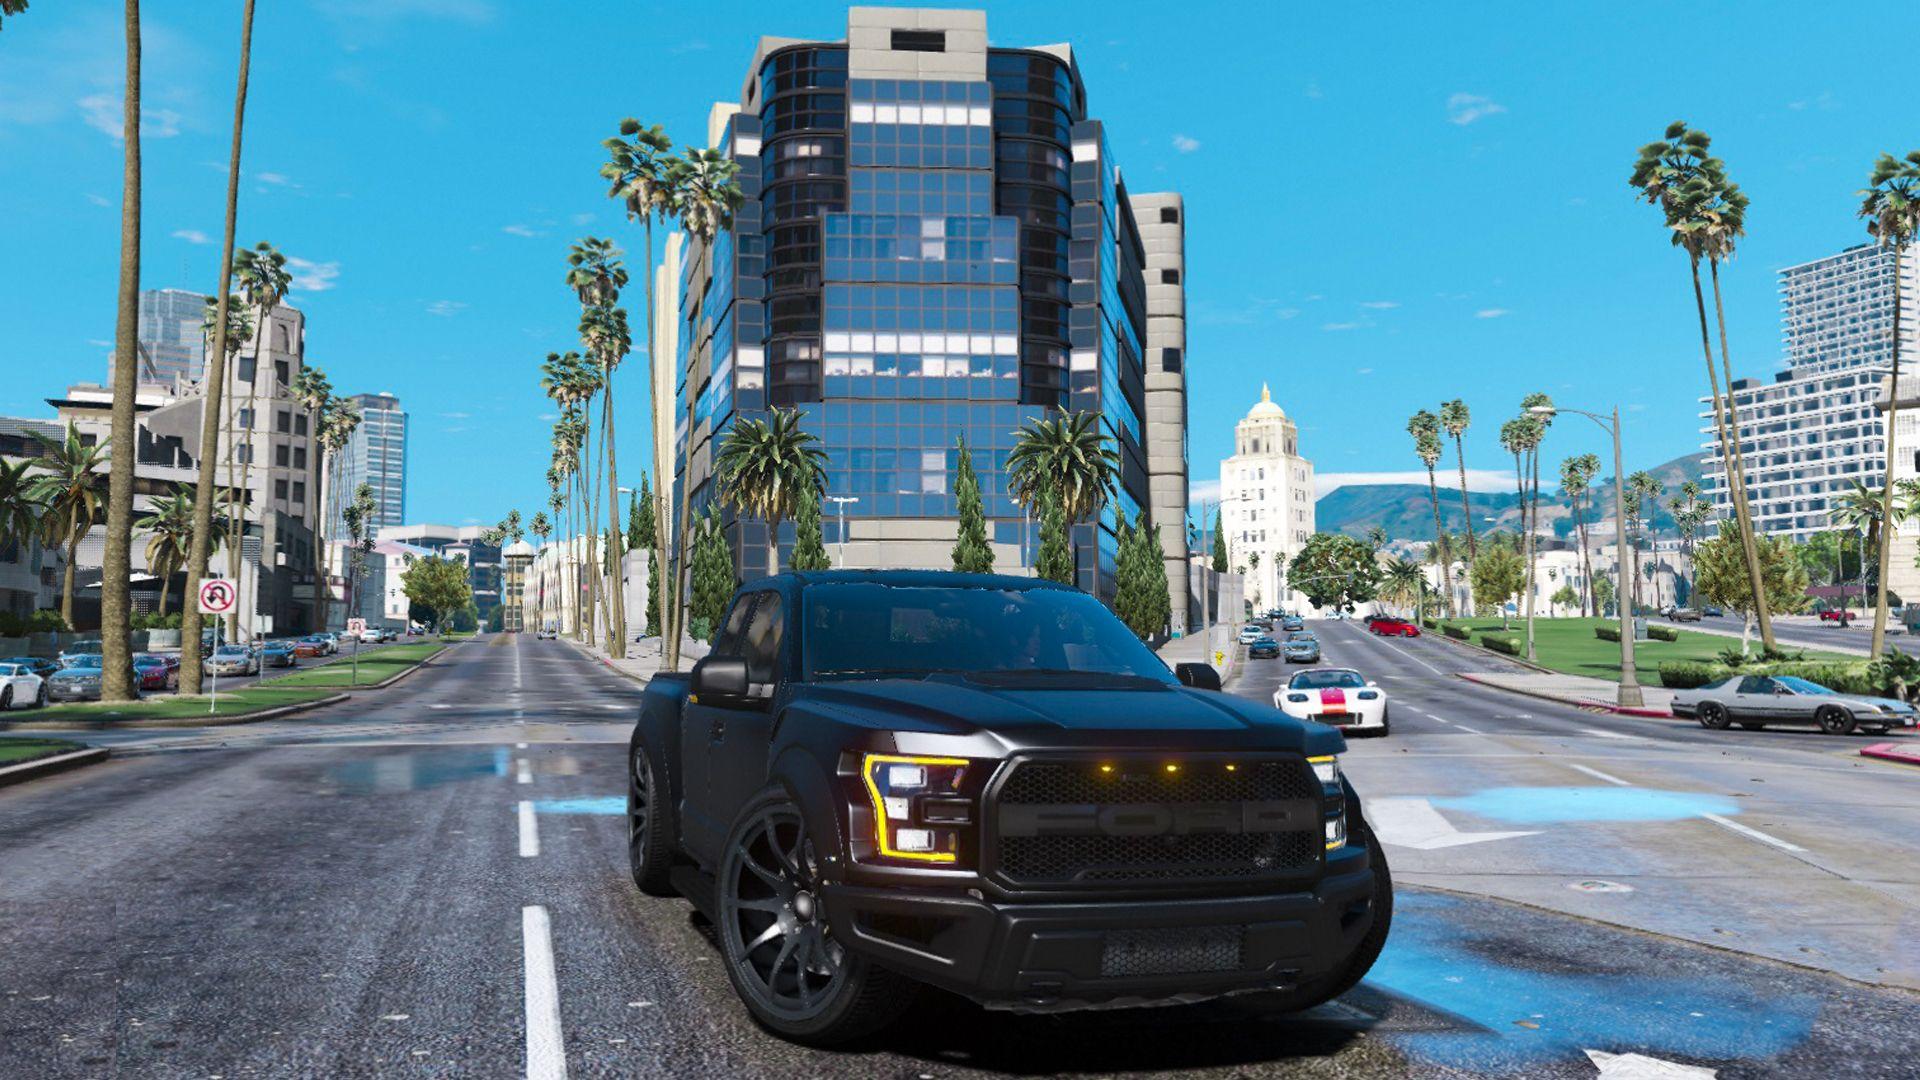 2017 Ford Raptor Ford Raptor 2017 Ford Raptor Gta 5 Mods